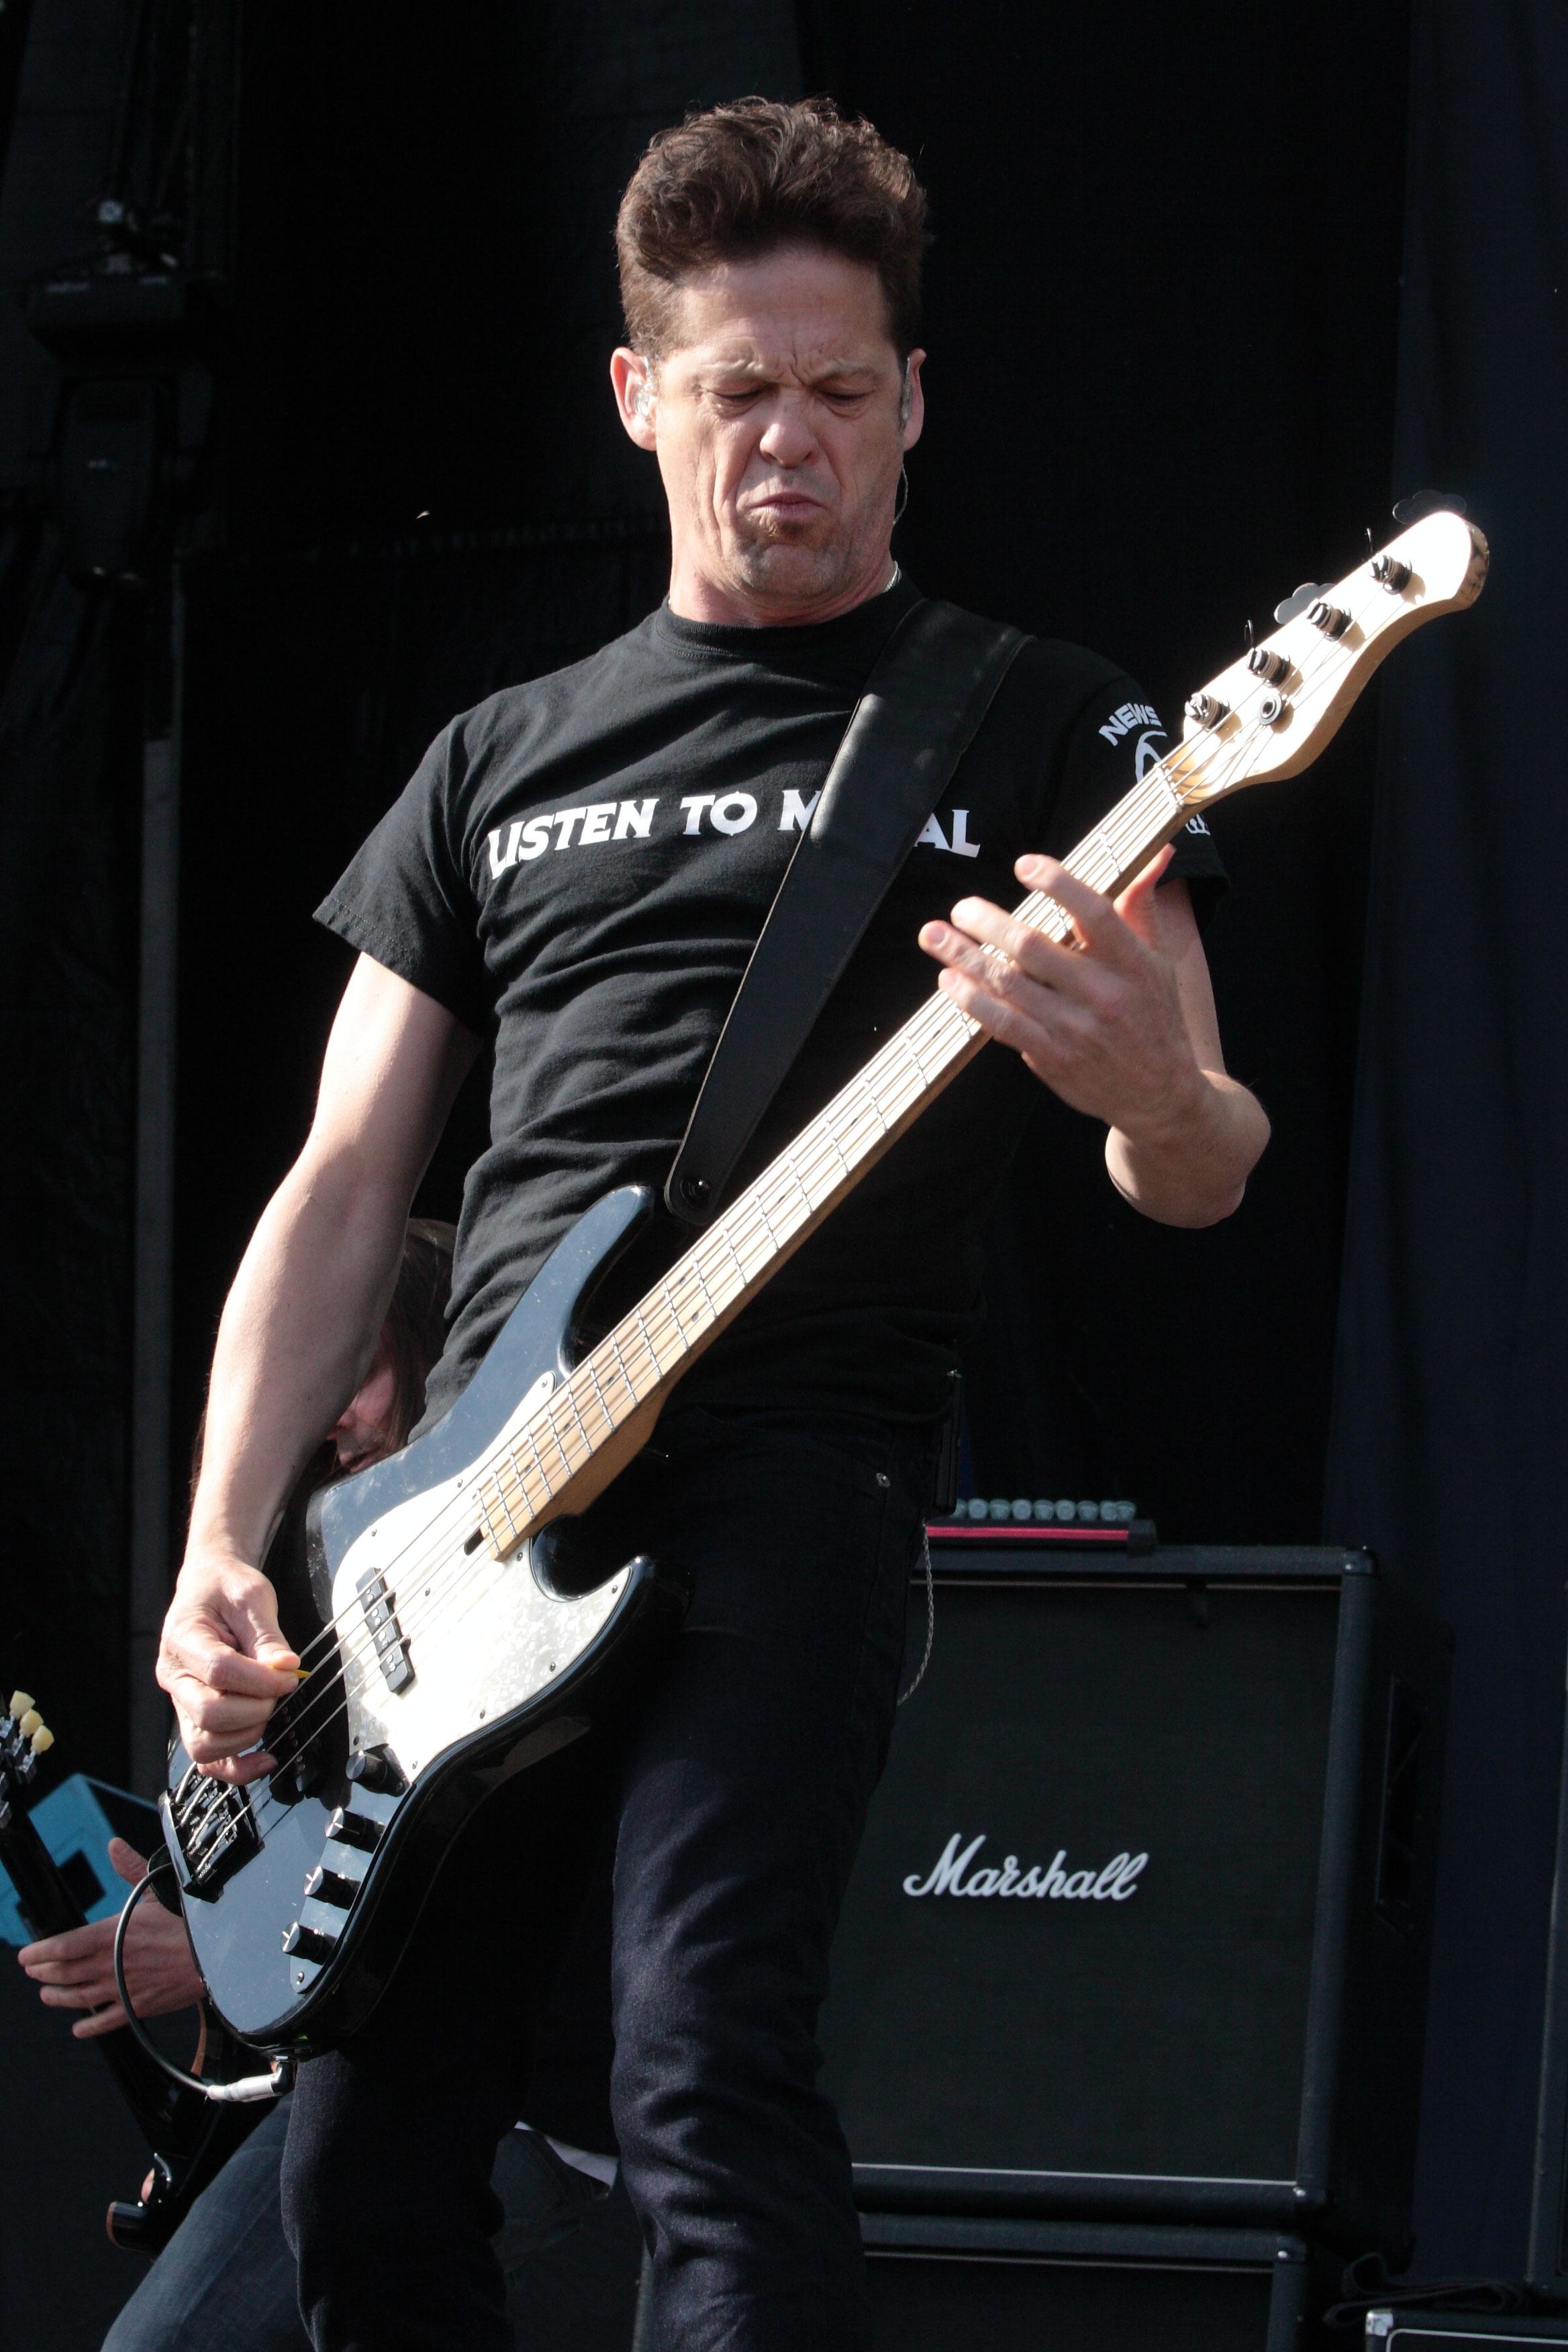 Jason Newsted recreando el sonido de los primeros Metallica. Foto: Eduard Tuset